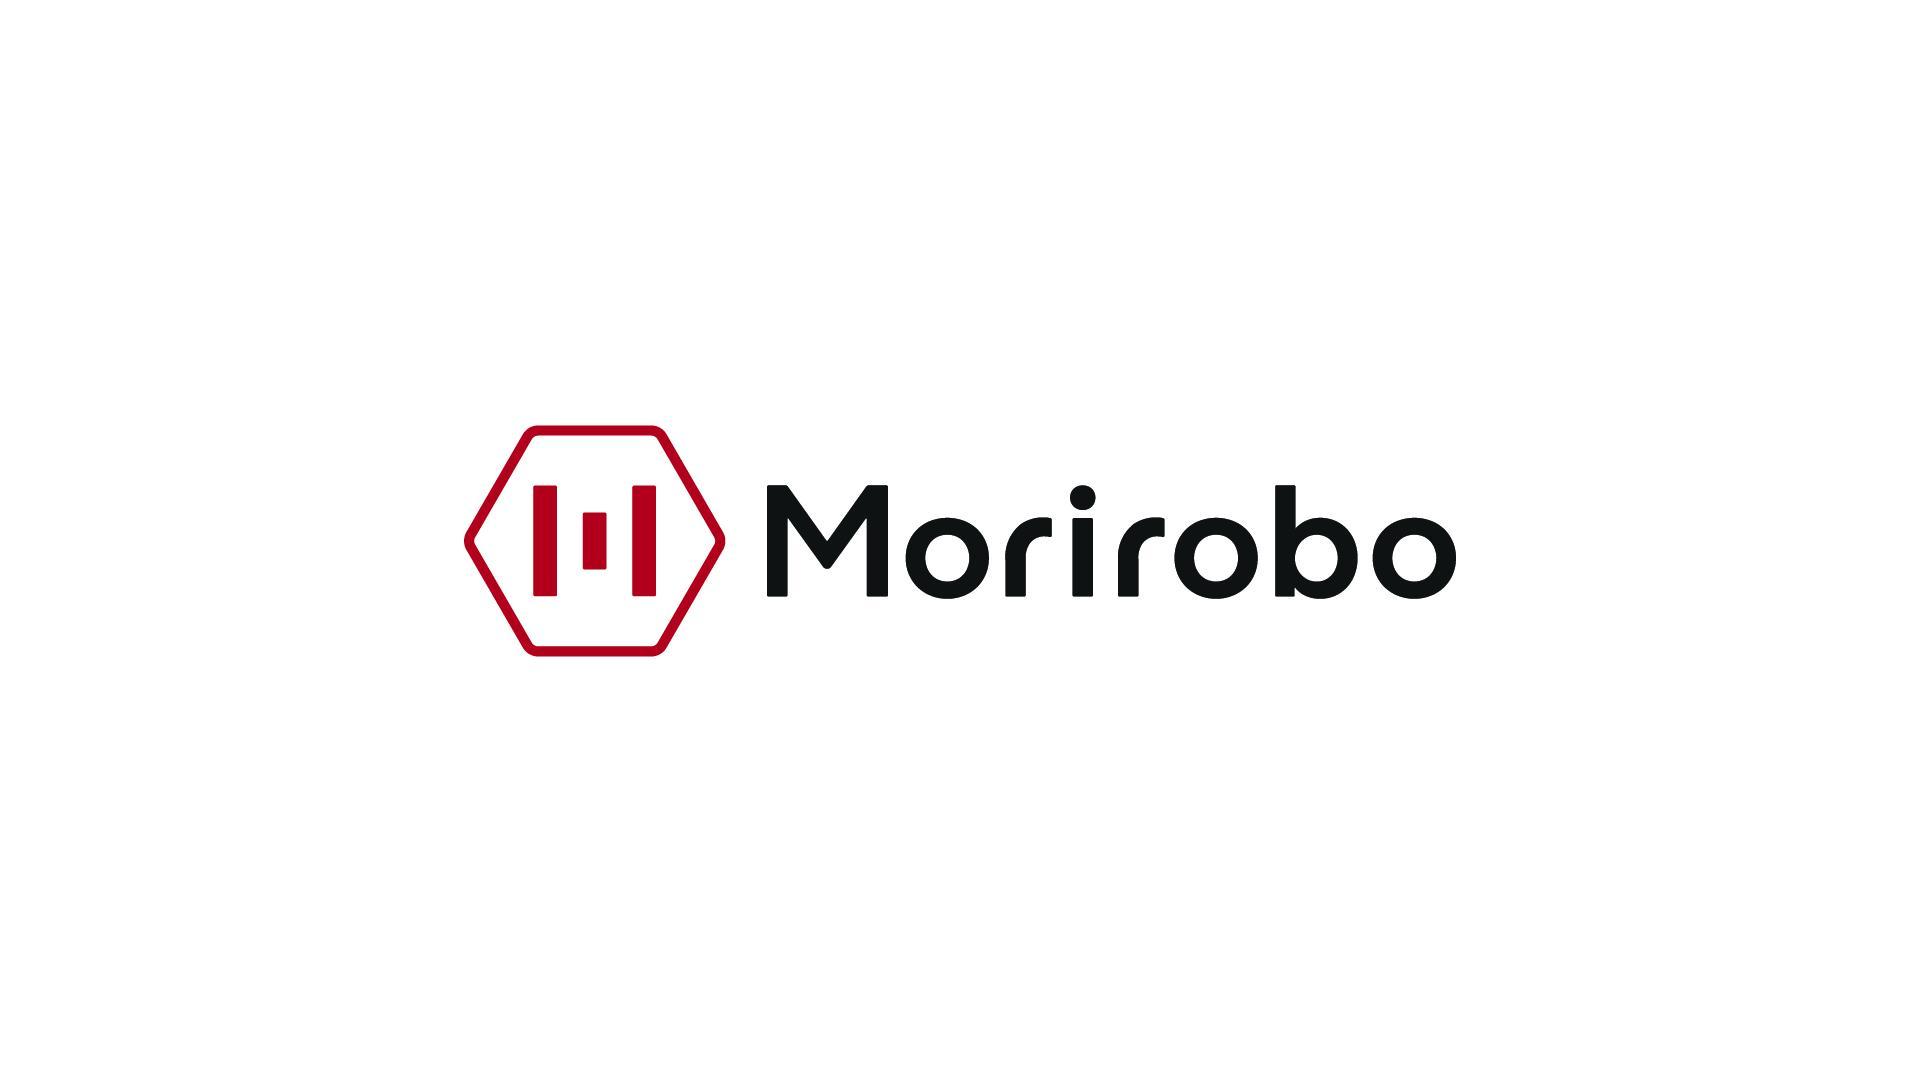 株式会社モリロボ